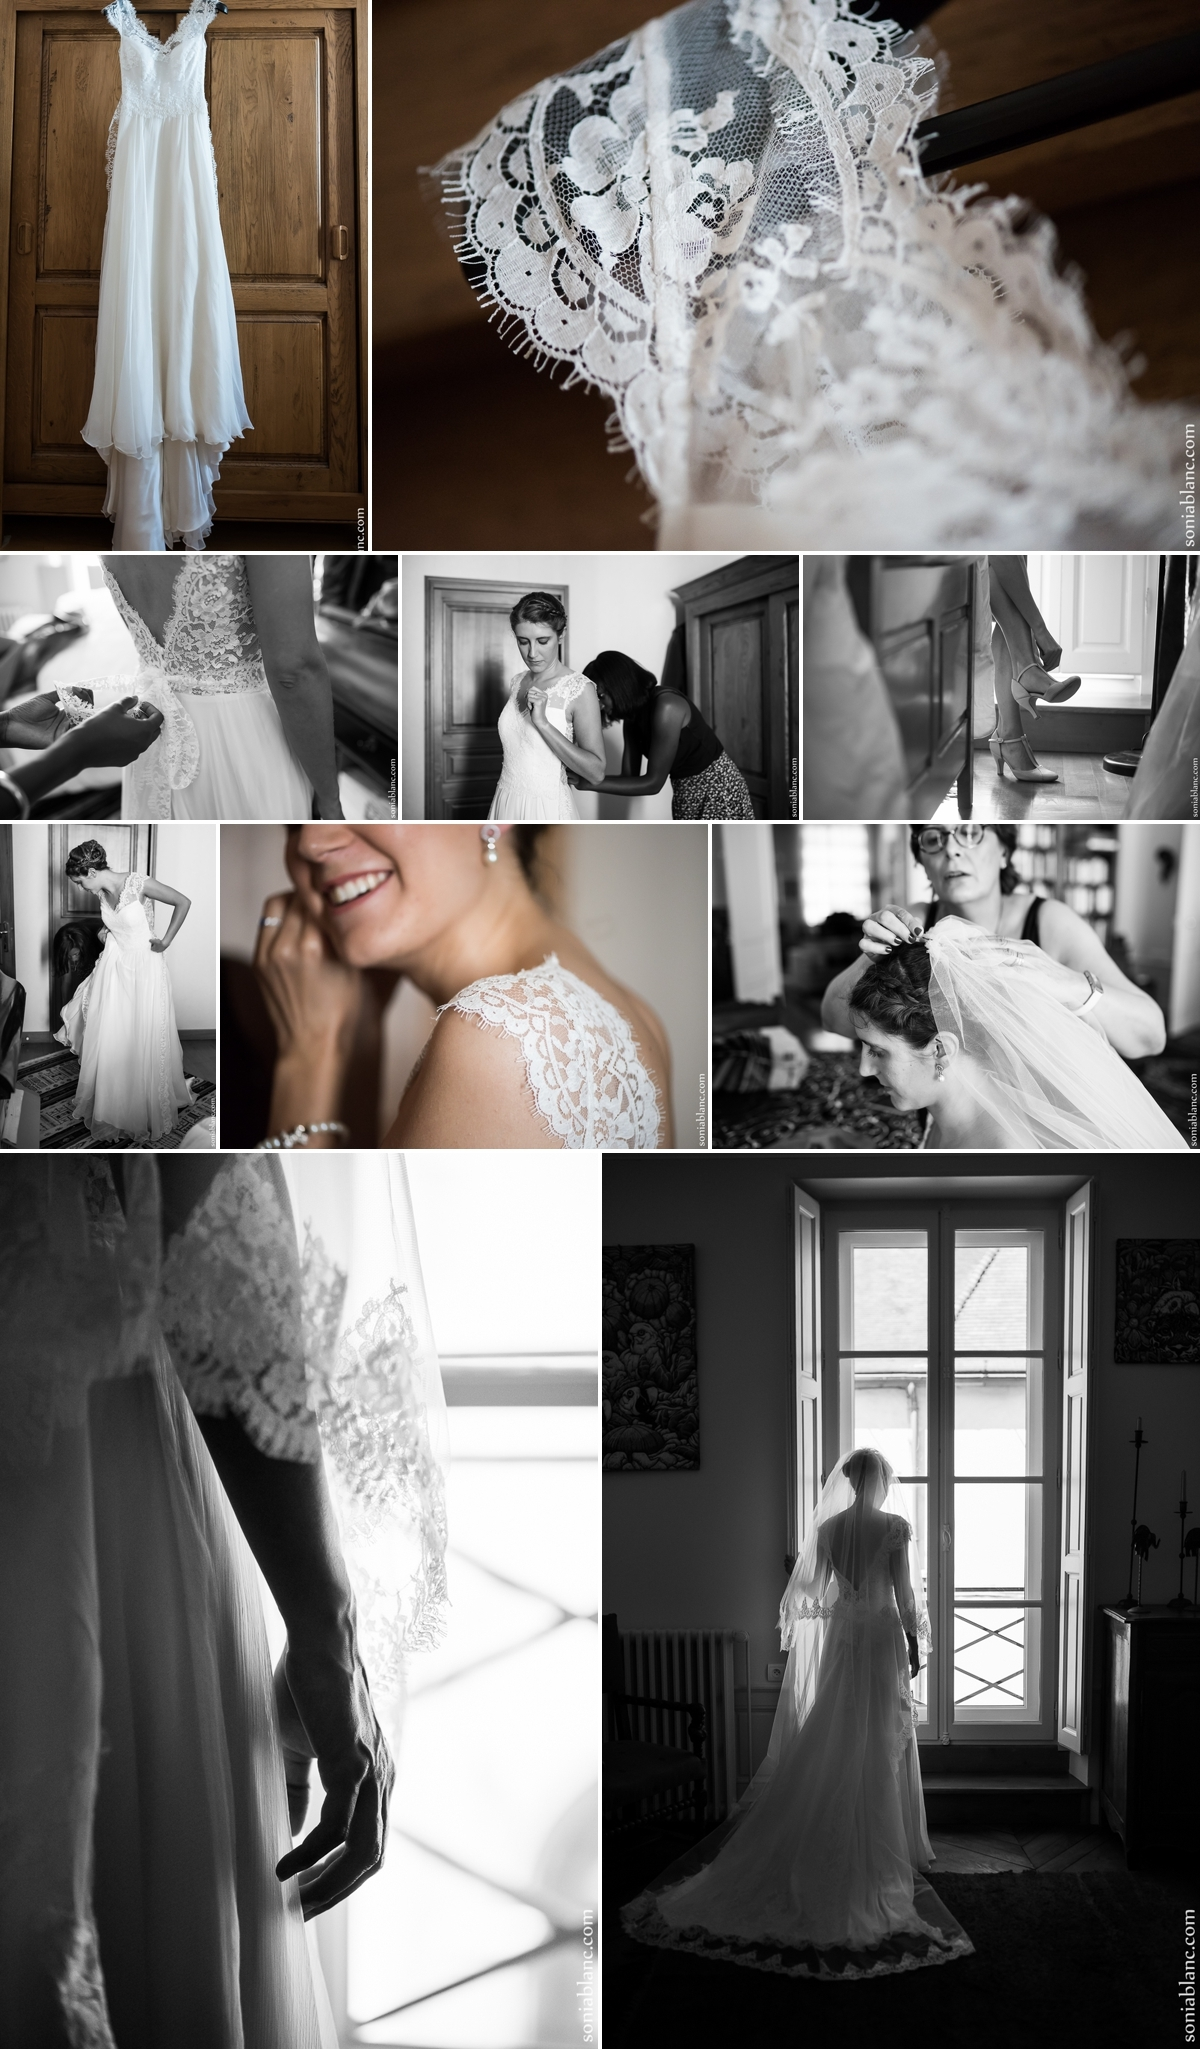 Passage de la robe de mariée à domicile - Dijon - Bourgogne